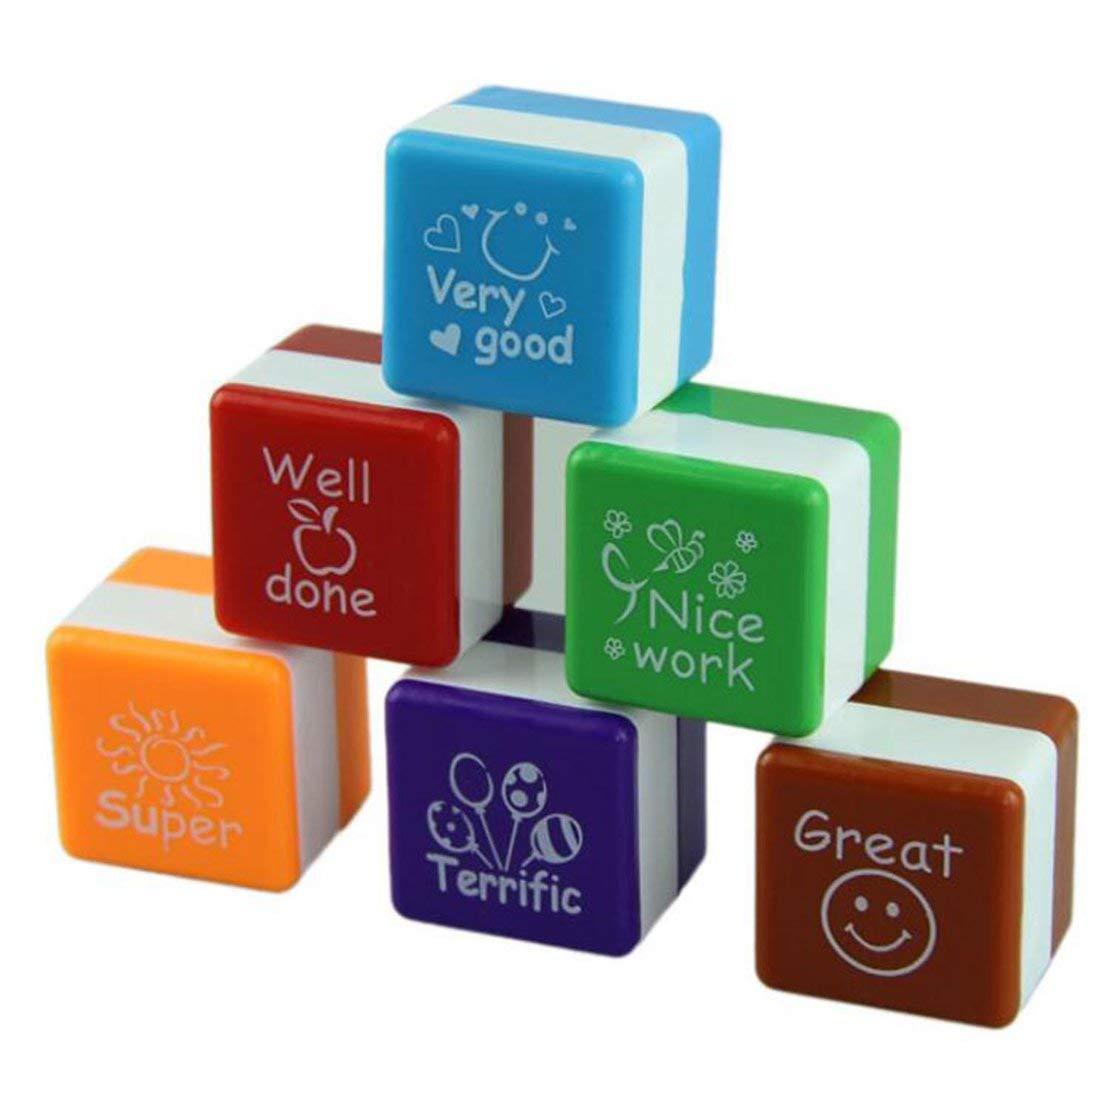 6 Stili / Set Kawaii Simpatici Insegnanti Stampatori Inchiostrazione Lodi Ricompensa Stamps Motivazione Adesivo Materiale Scolastico - 6 Colori Sanzhileg